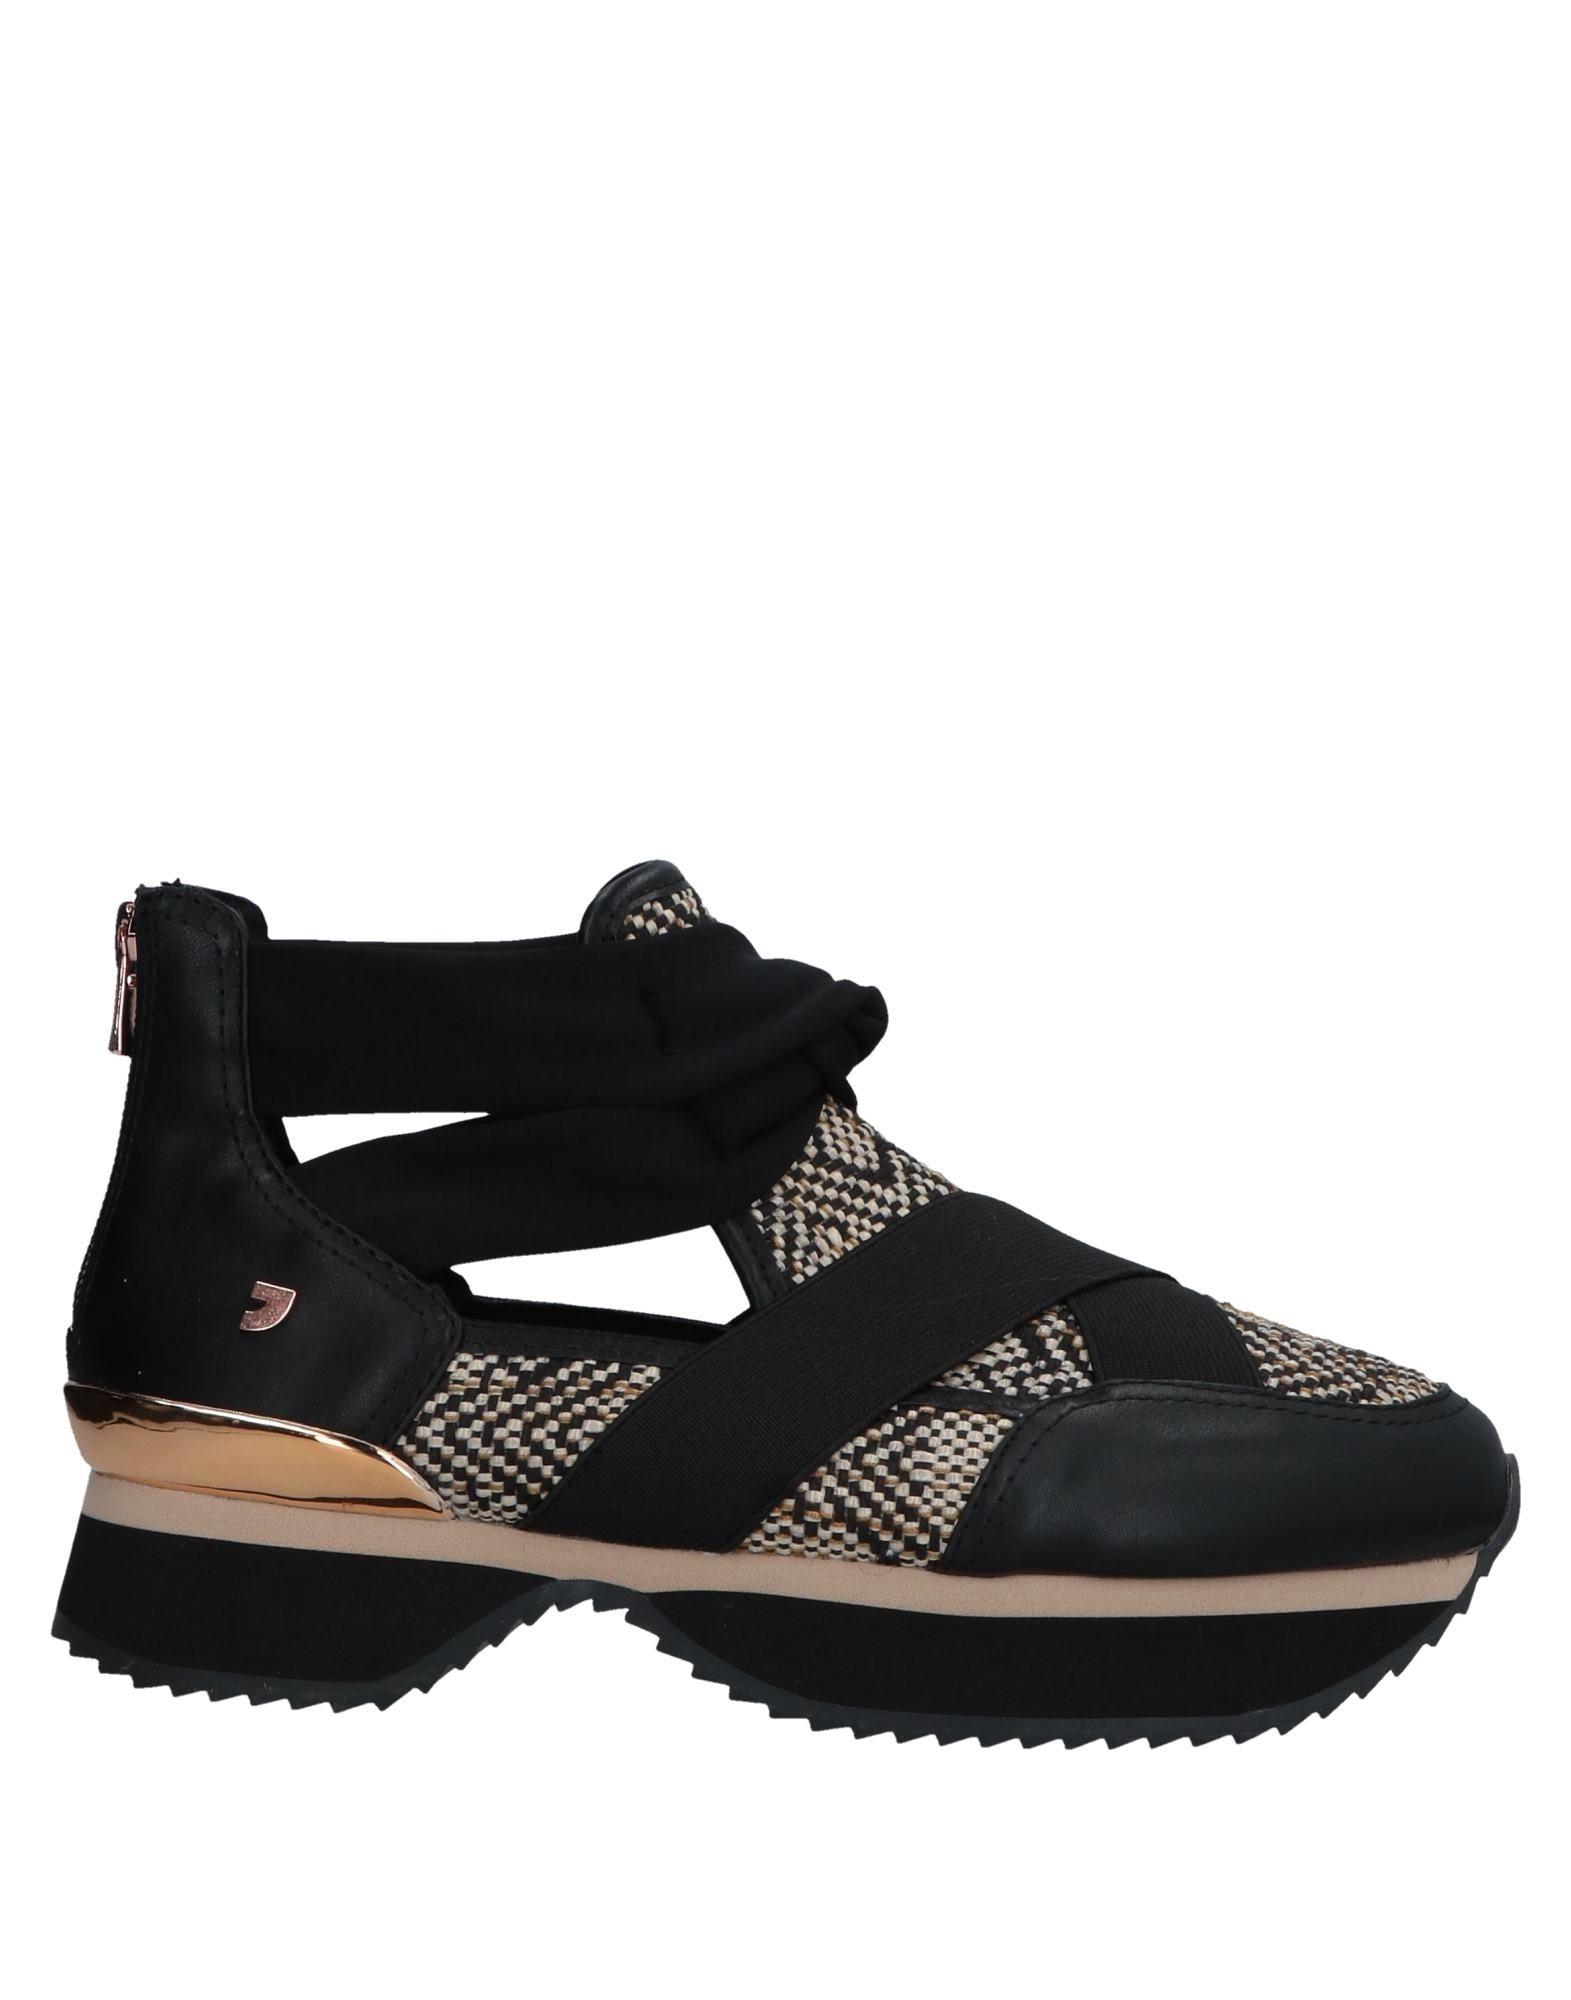 Zapatillas Negro Gioseppo Mujer - Zapatillas Gioseppo  Negro Zapatillas c60421